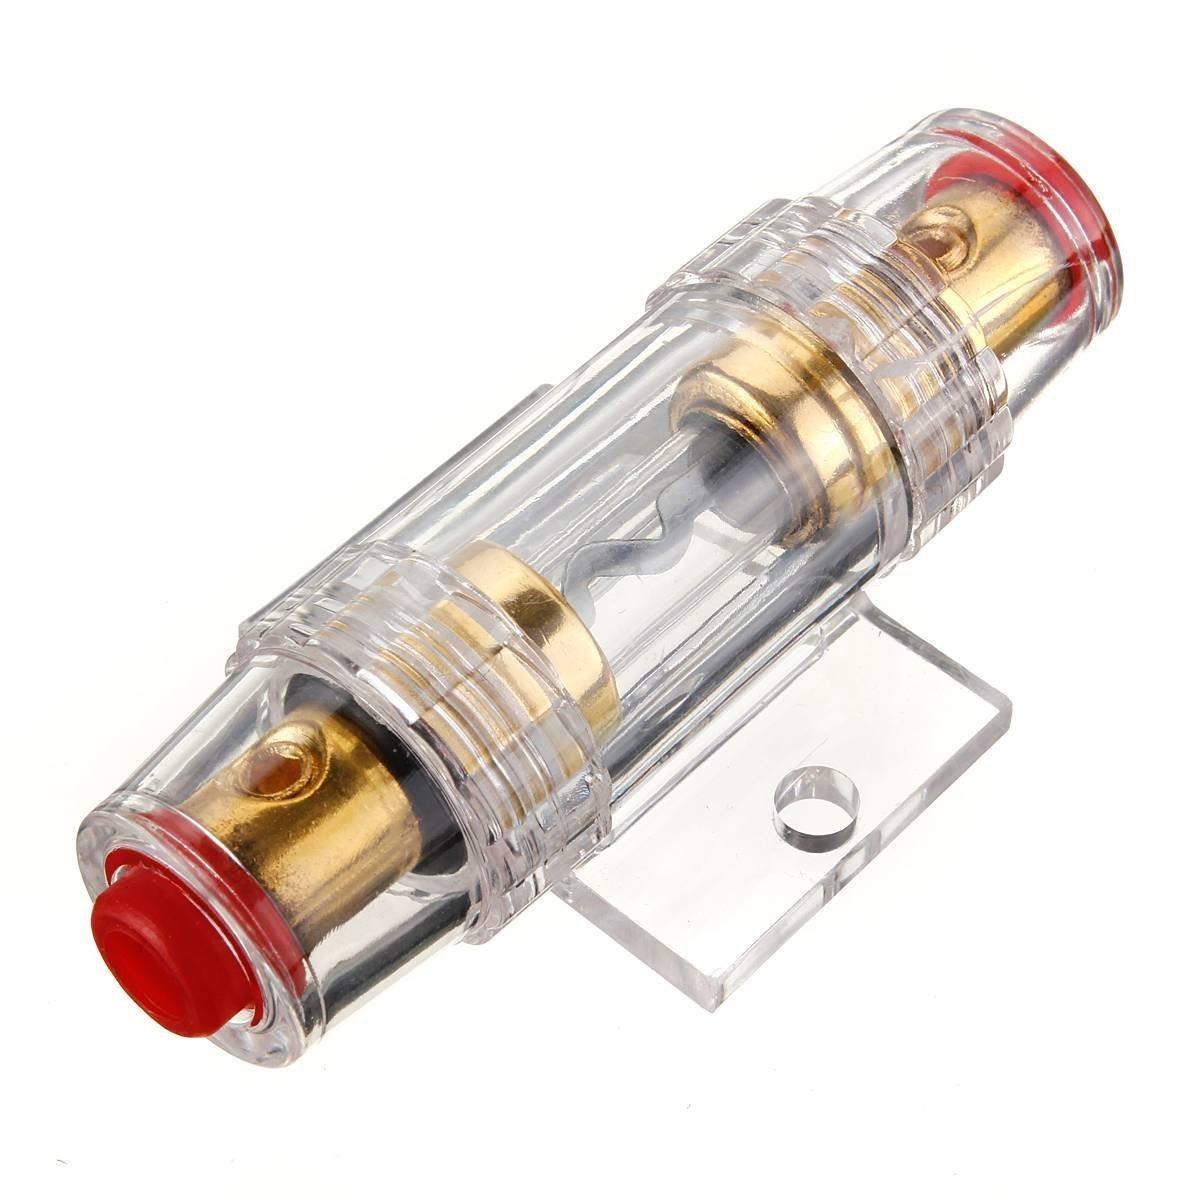 TOOGOO Soporte de fusibles Estereo de 8 galgas AGU del Coche y Cable de Fusibles de Audio DE 60 amperios 070231